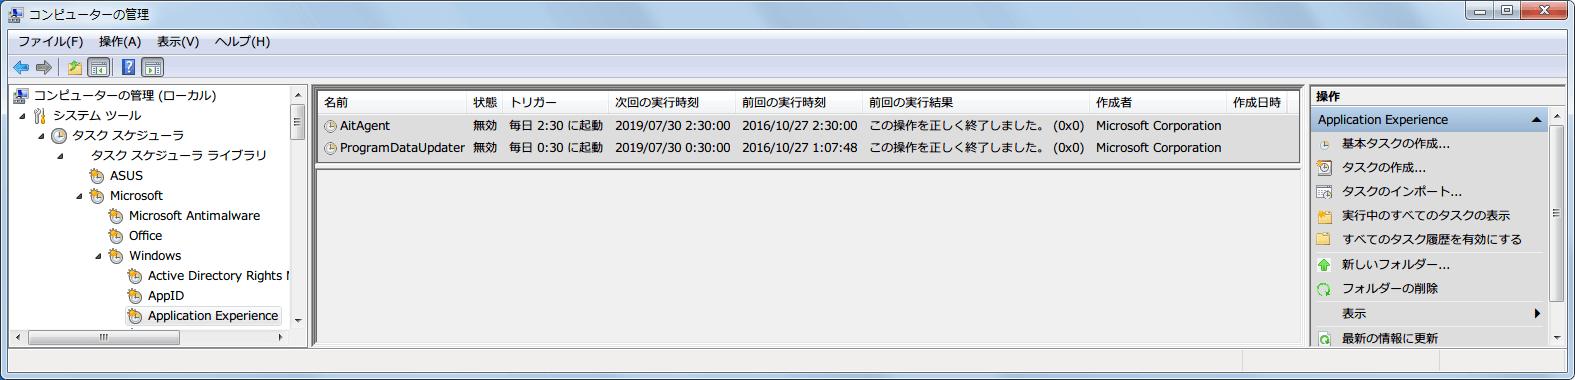 2019年7月 x64 ベース システム用 Windows 7 向けセキュリティのみの品質更新プログラム (KB4507456) インストール前のタスクスケジューラの Application Experience のタスク一覧、無効化状態